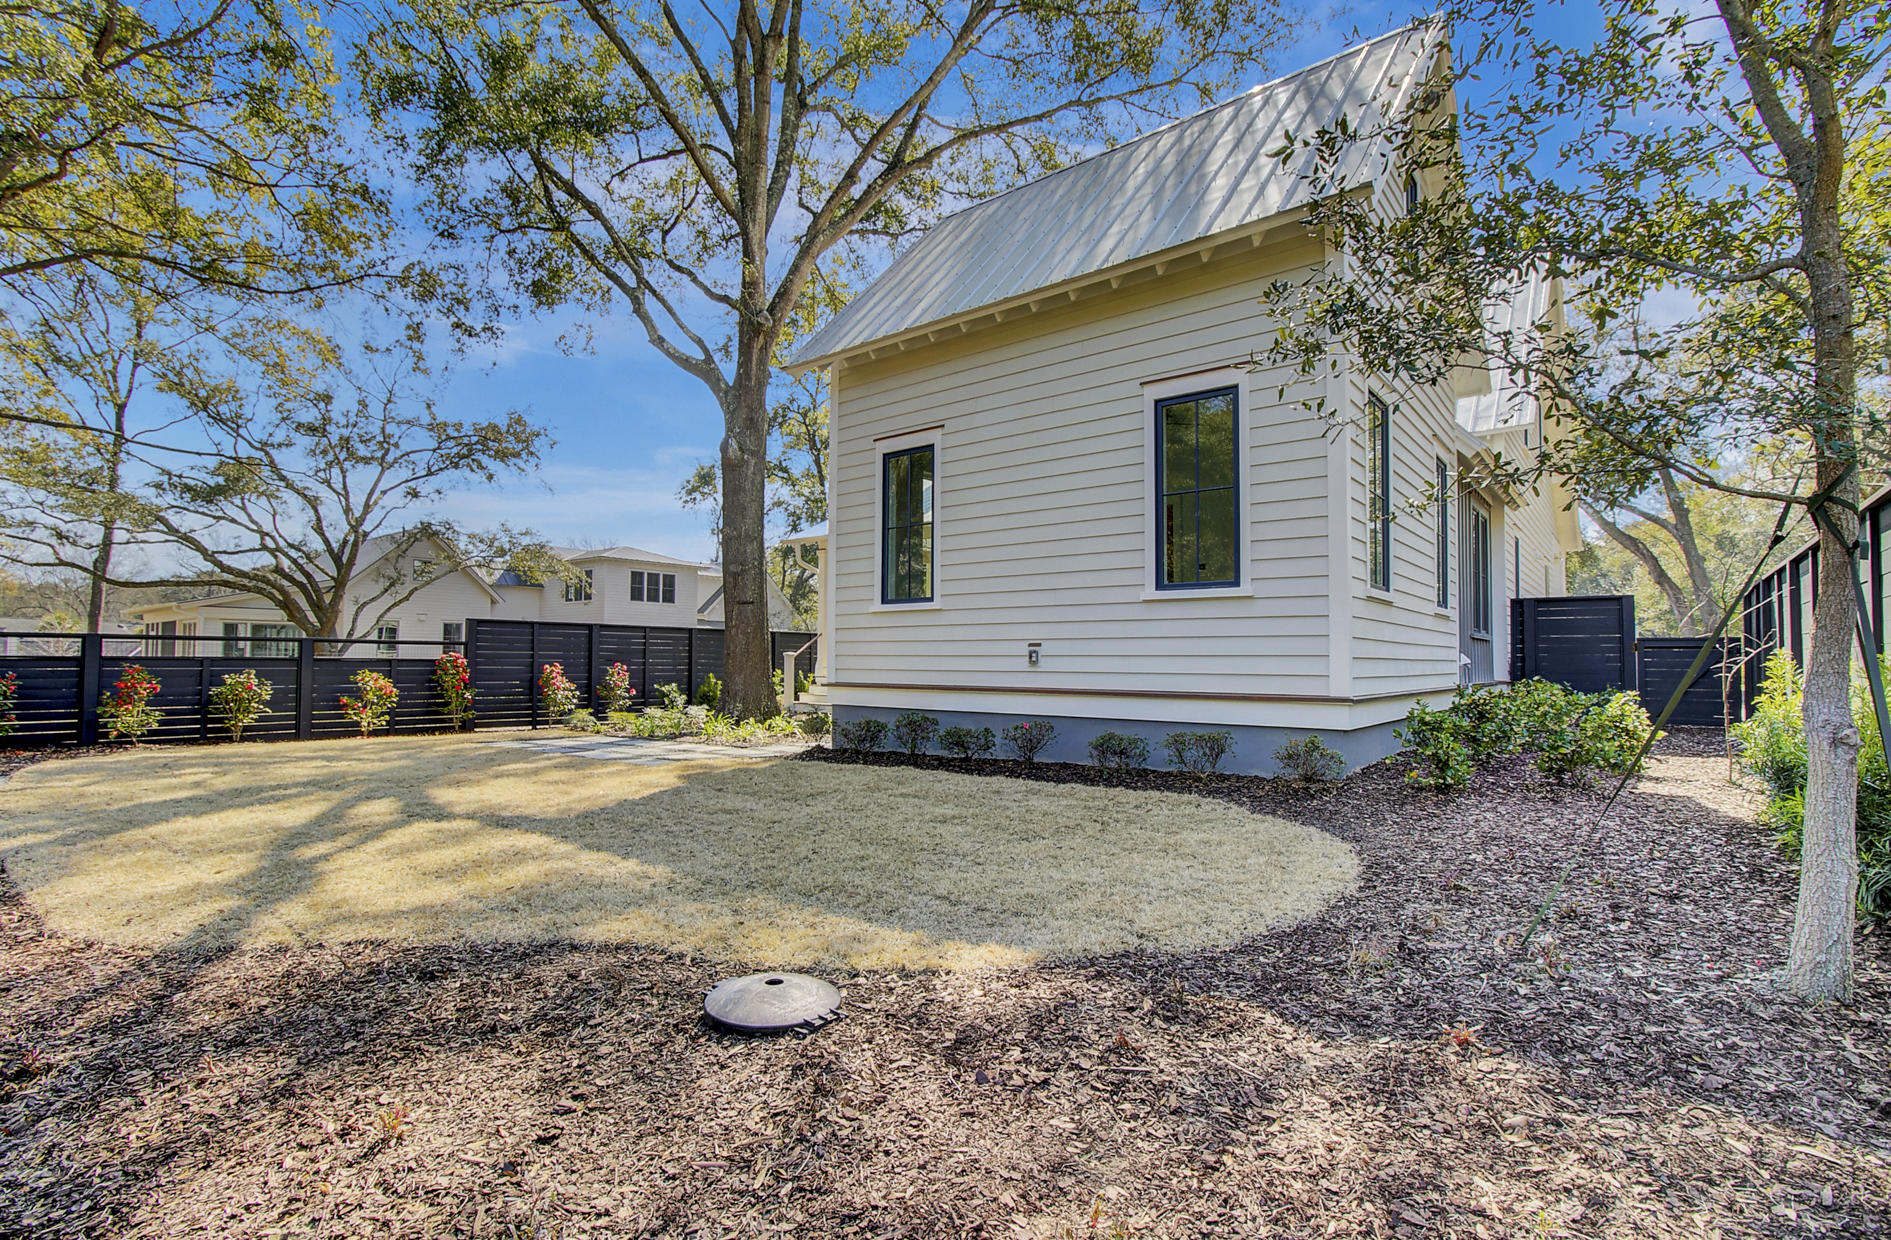 Old Mt Pleasant Homes For Sale - 1416 Jackson, Mount Pleasant, SC - 6